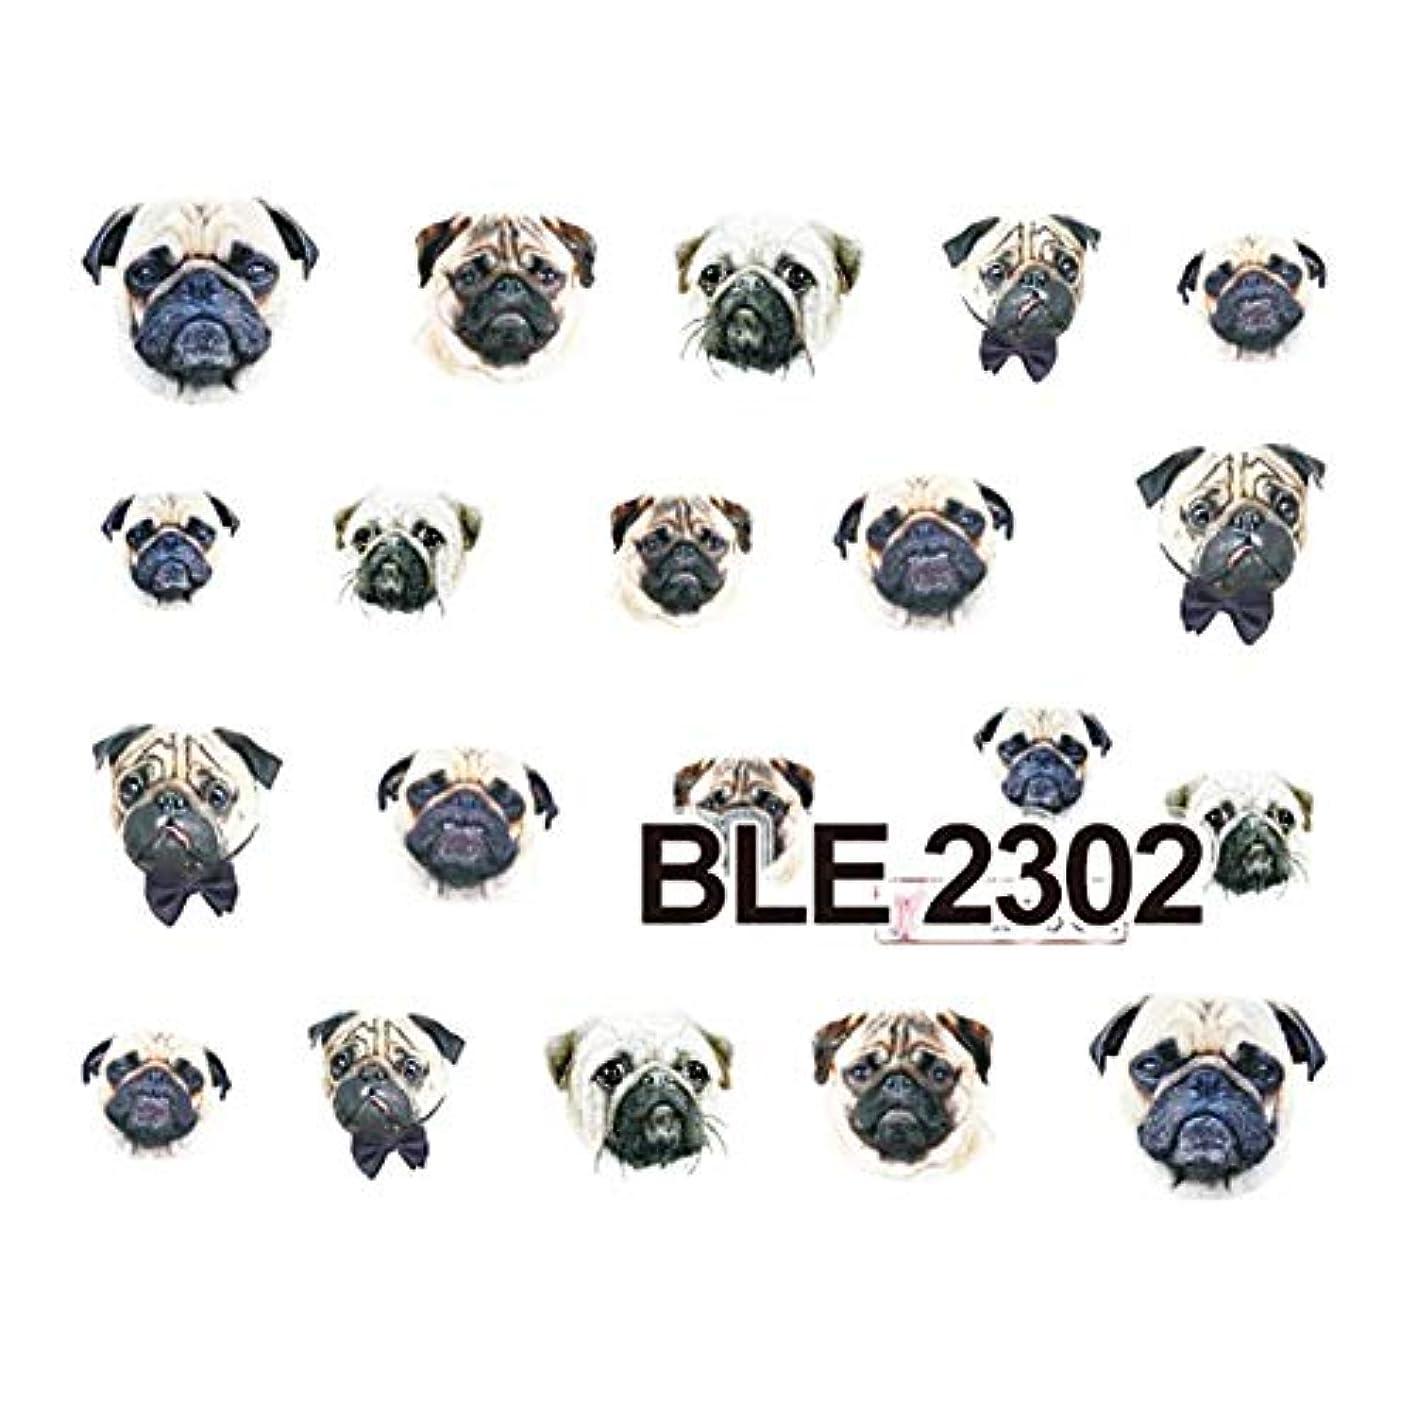 LITI ネイルシール ラブリー 犬 リアル いぬ かわいい 犬 コーギー ネイルアート 動物 アニマル 実写 転送ネイルアートステッカー 異なるスタイル 動物犬 マニキュアペディキュアステッカー